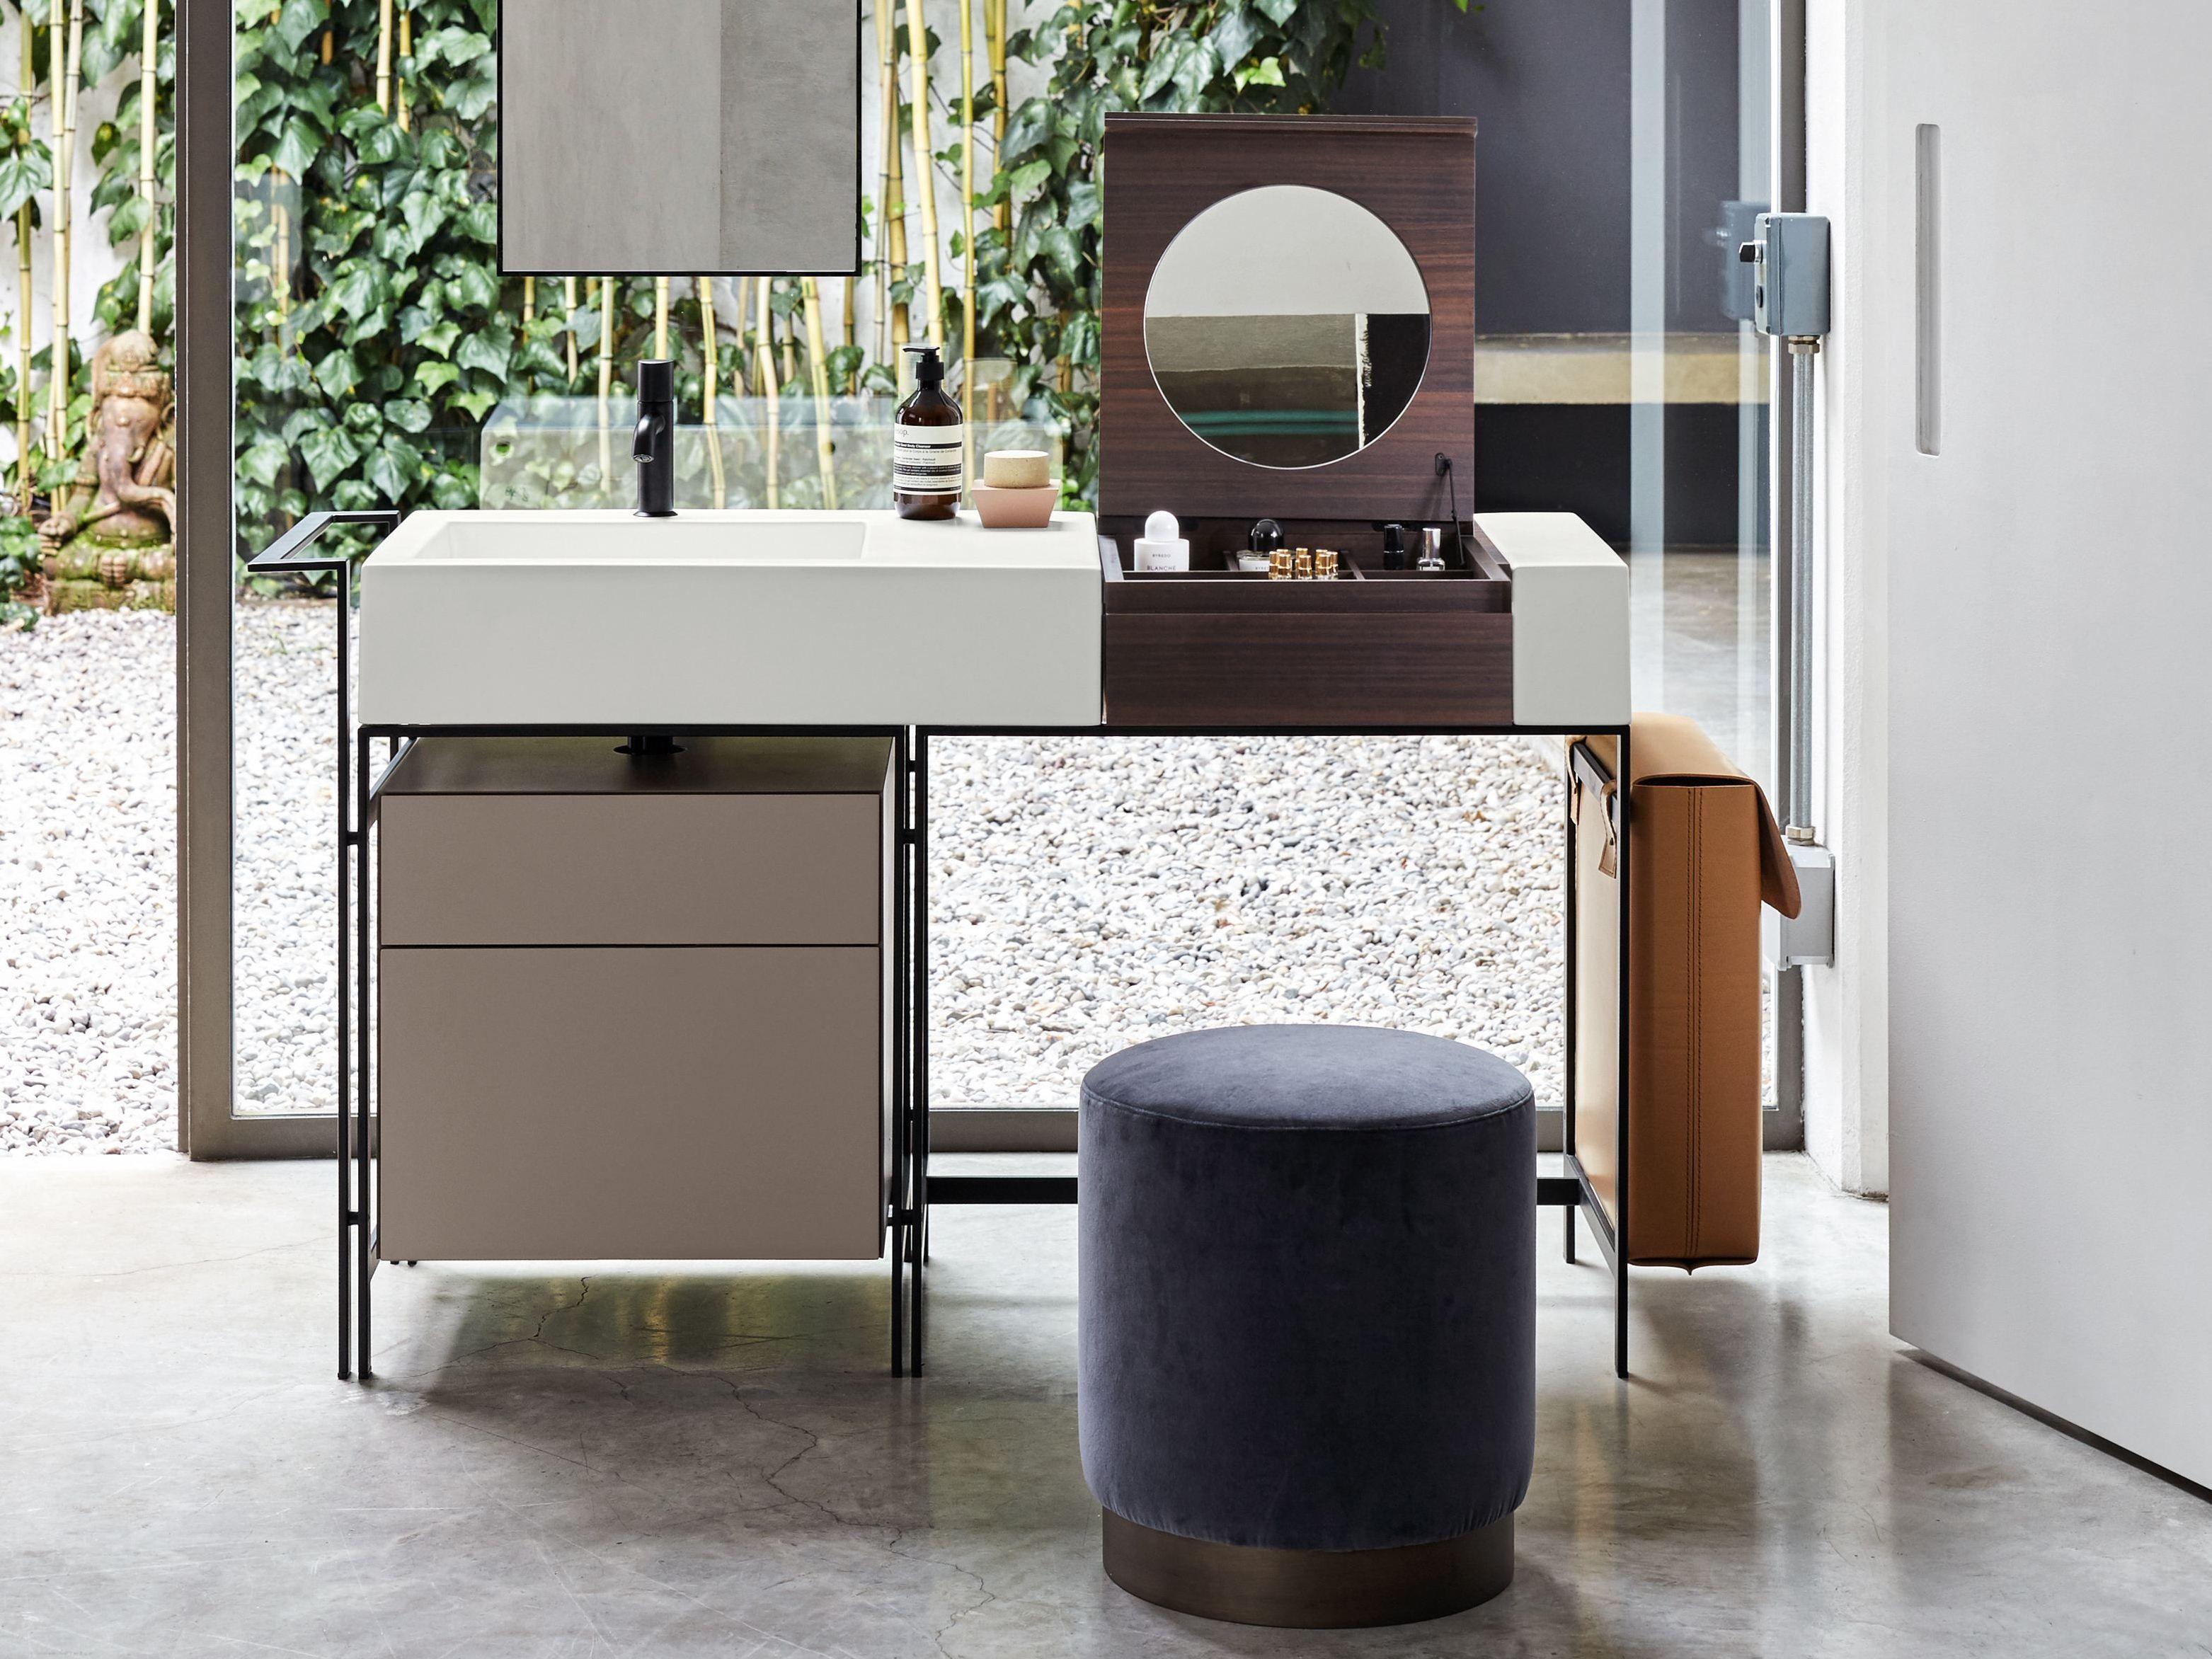 Meuble sous vasque sur pieds avec tiroirs narciso by - Meuble sous vasque design ...